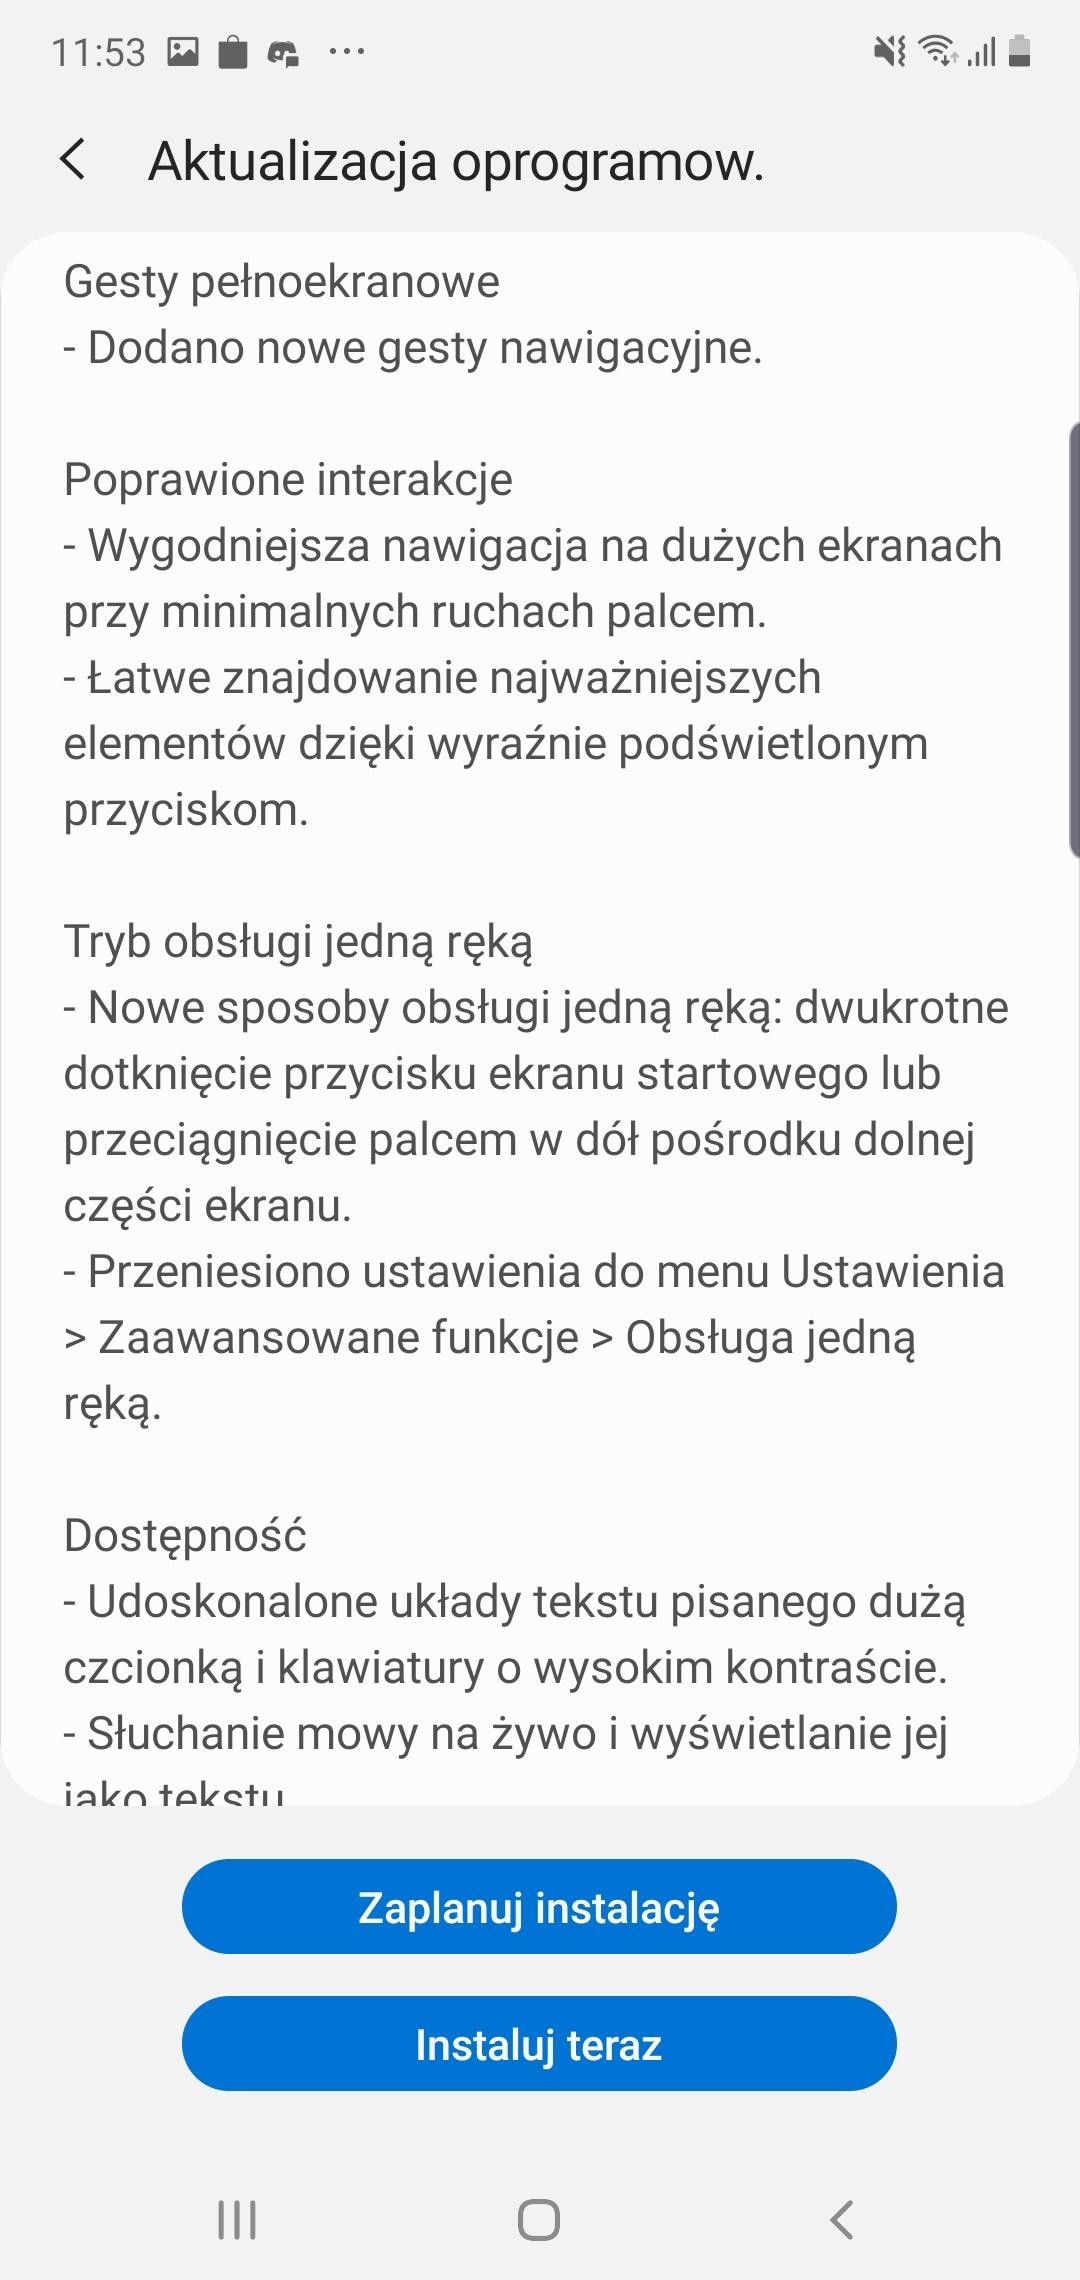 Samsung Galaxy Note 10+ dostaje aktualizację do Androida 10 i One UI 2 w Polsce! 19